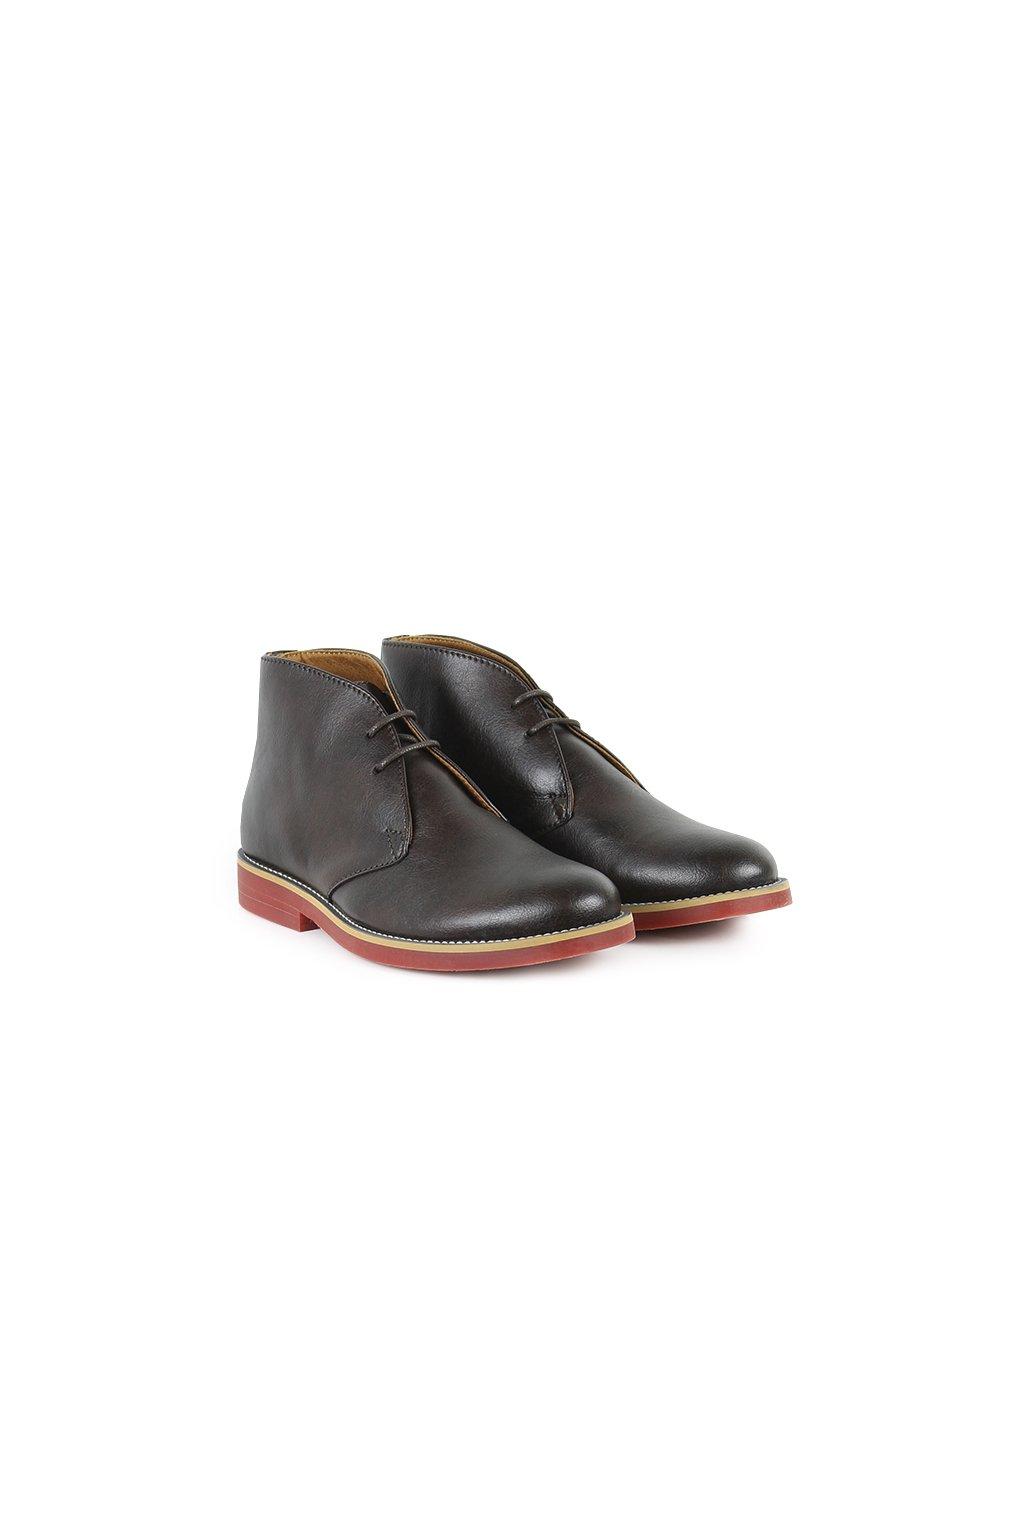 """Dámske hnedé členkové topánky """"Desert Boots"""" - starý model"""